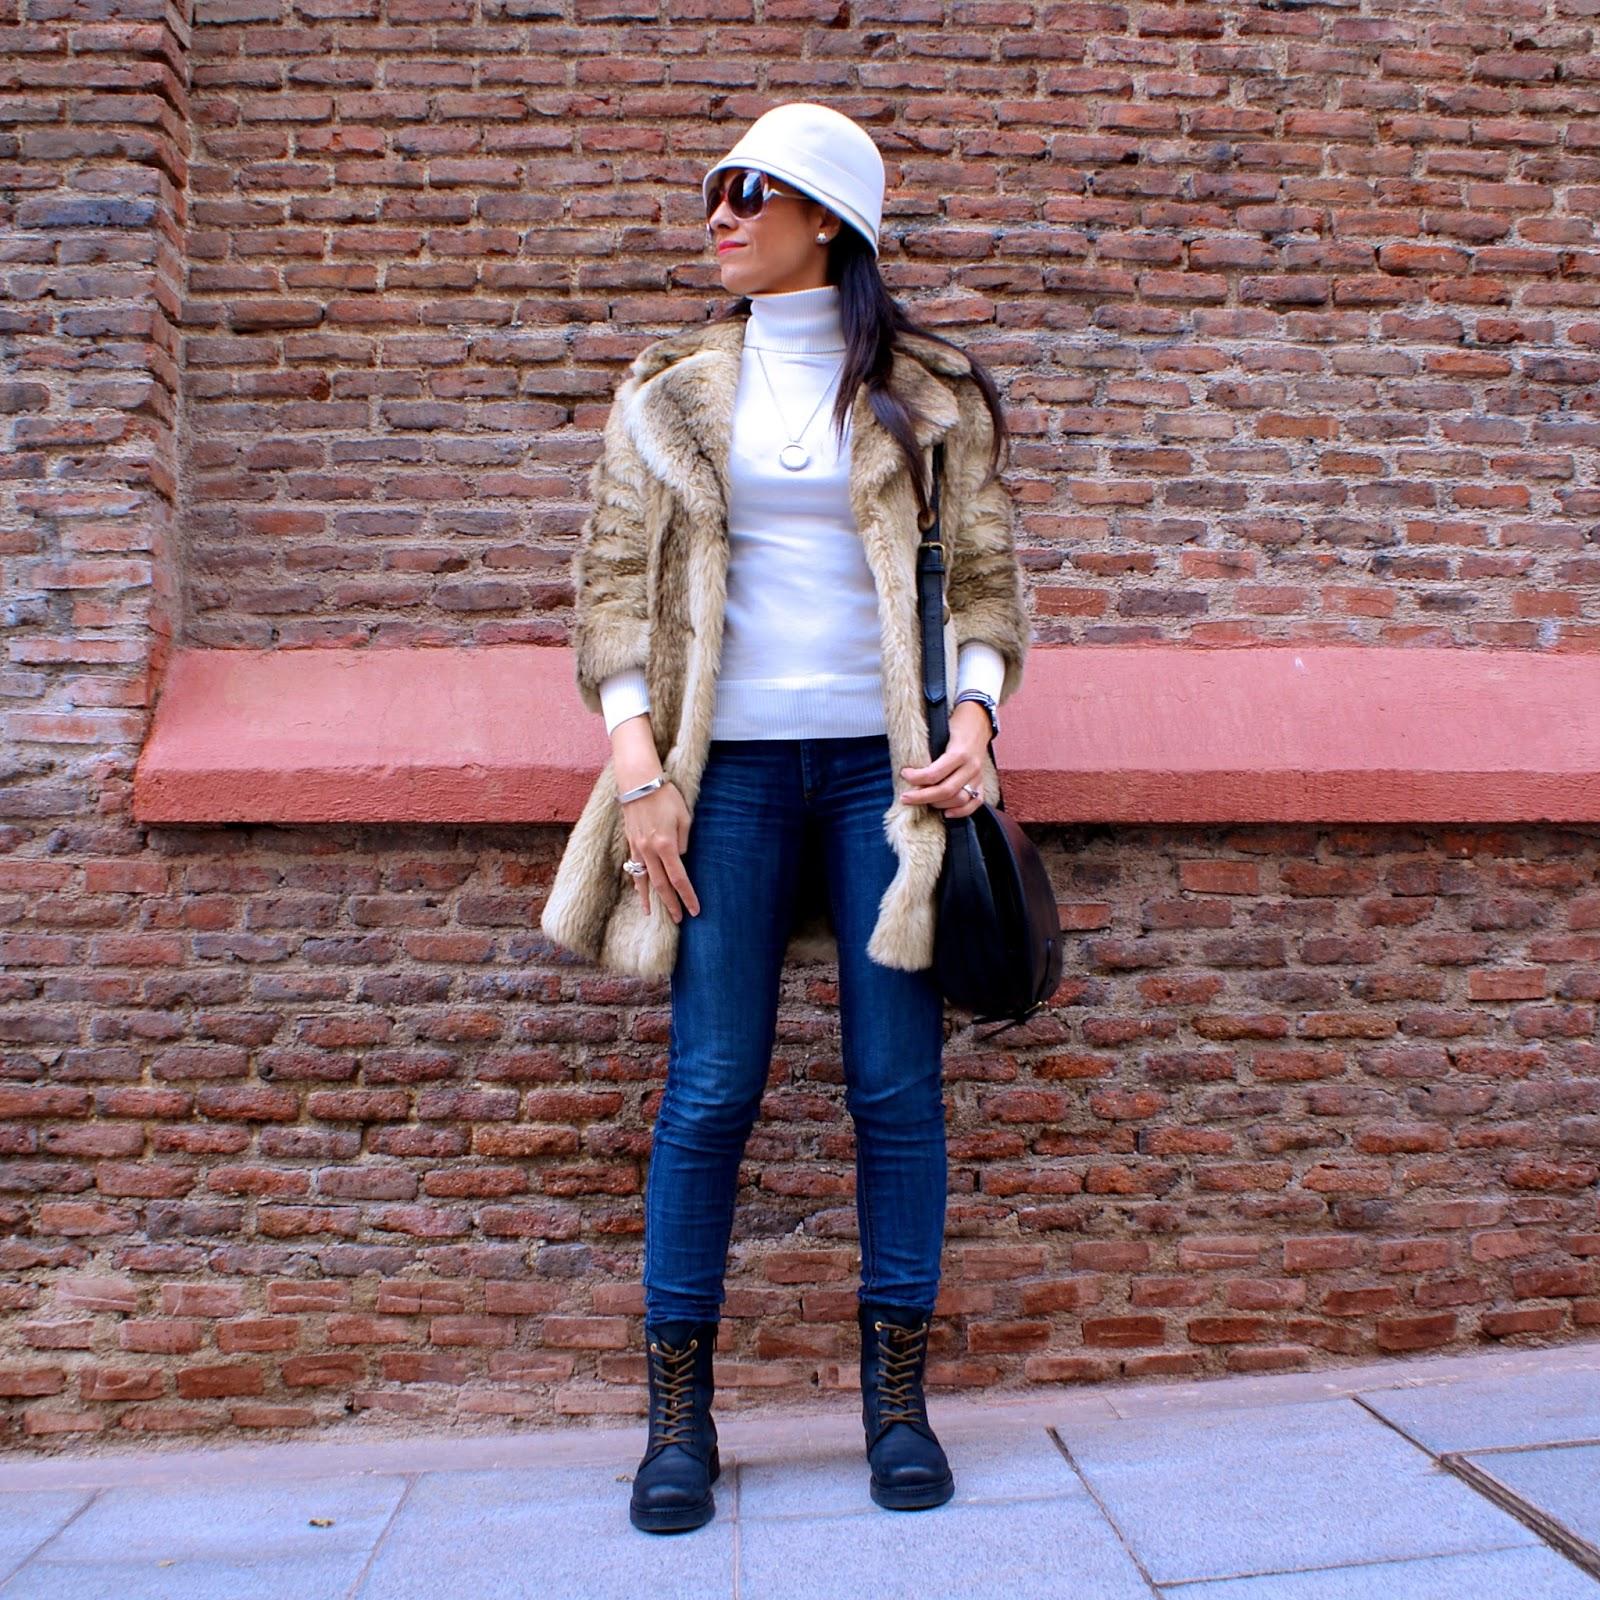 la-caprichossa-blog-de-moda-otoño-2014-botas-militares